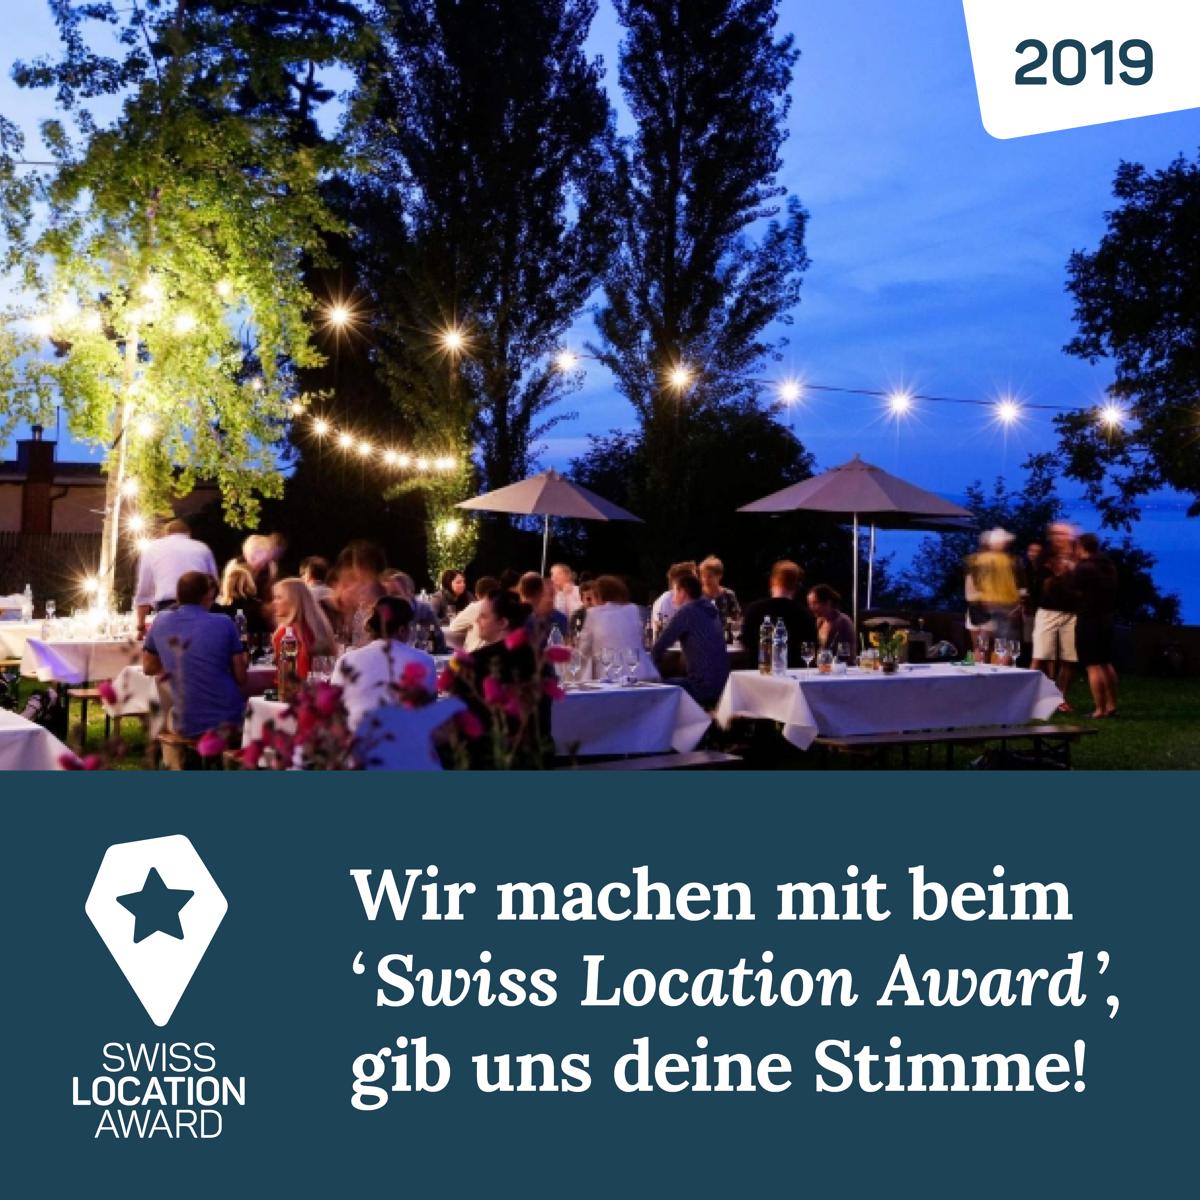 Swiss Location Award, Seerestaurant, Buchhorn, Arbon, Bodensee, Eventlocation, Restaurant, Abstimmung, Voting, Stimme